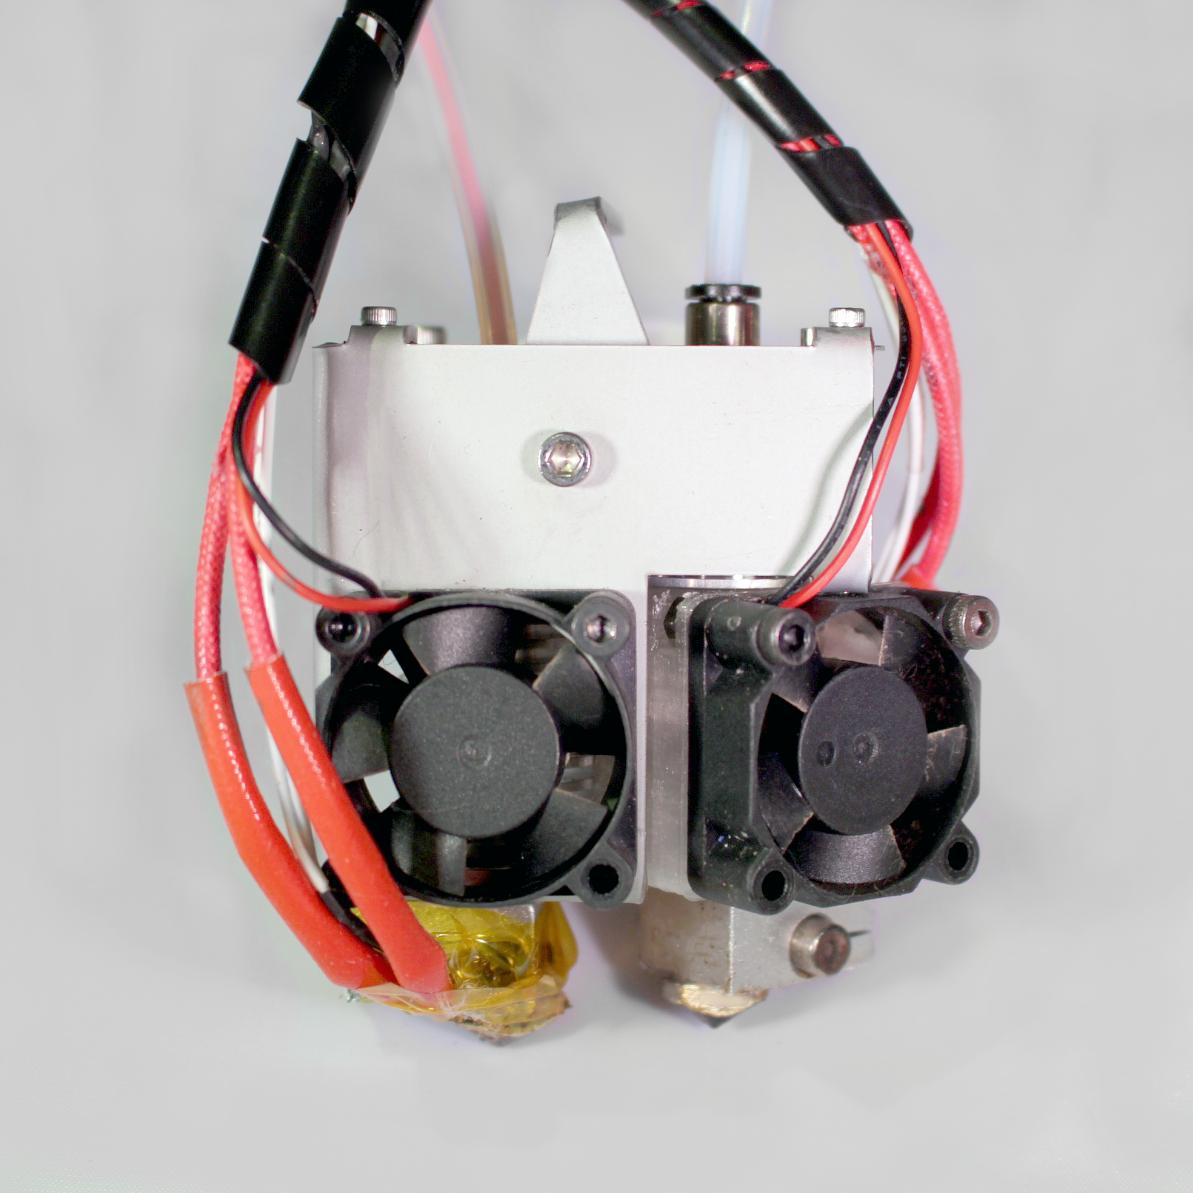 デュアルヘッドユニットT-Lifter - 画像1